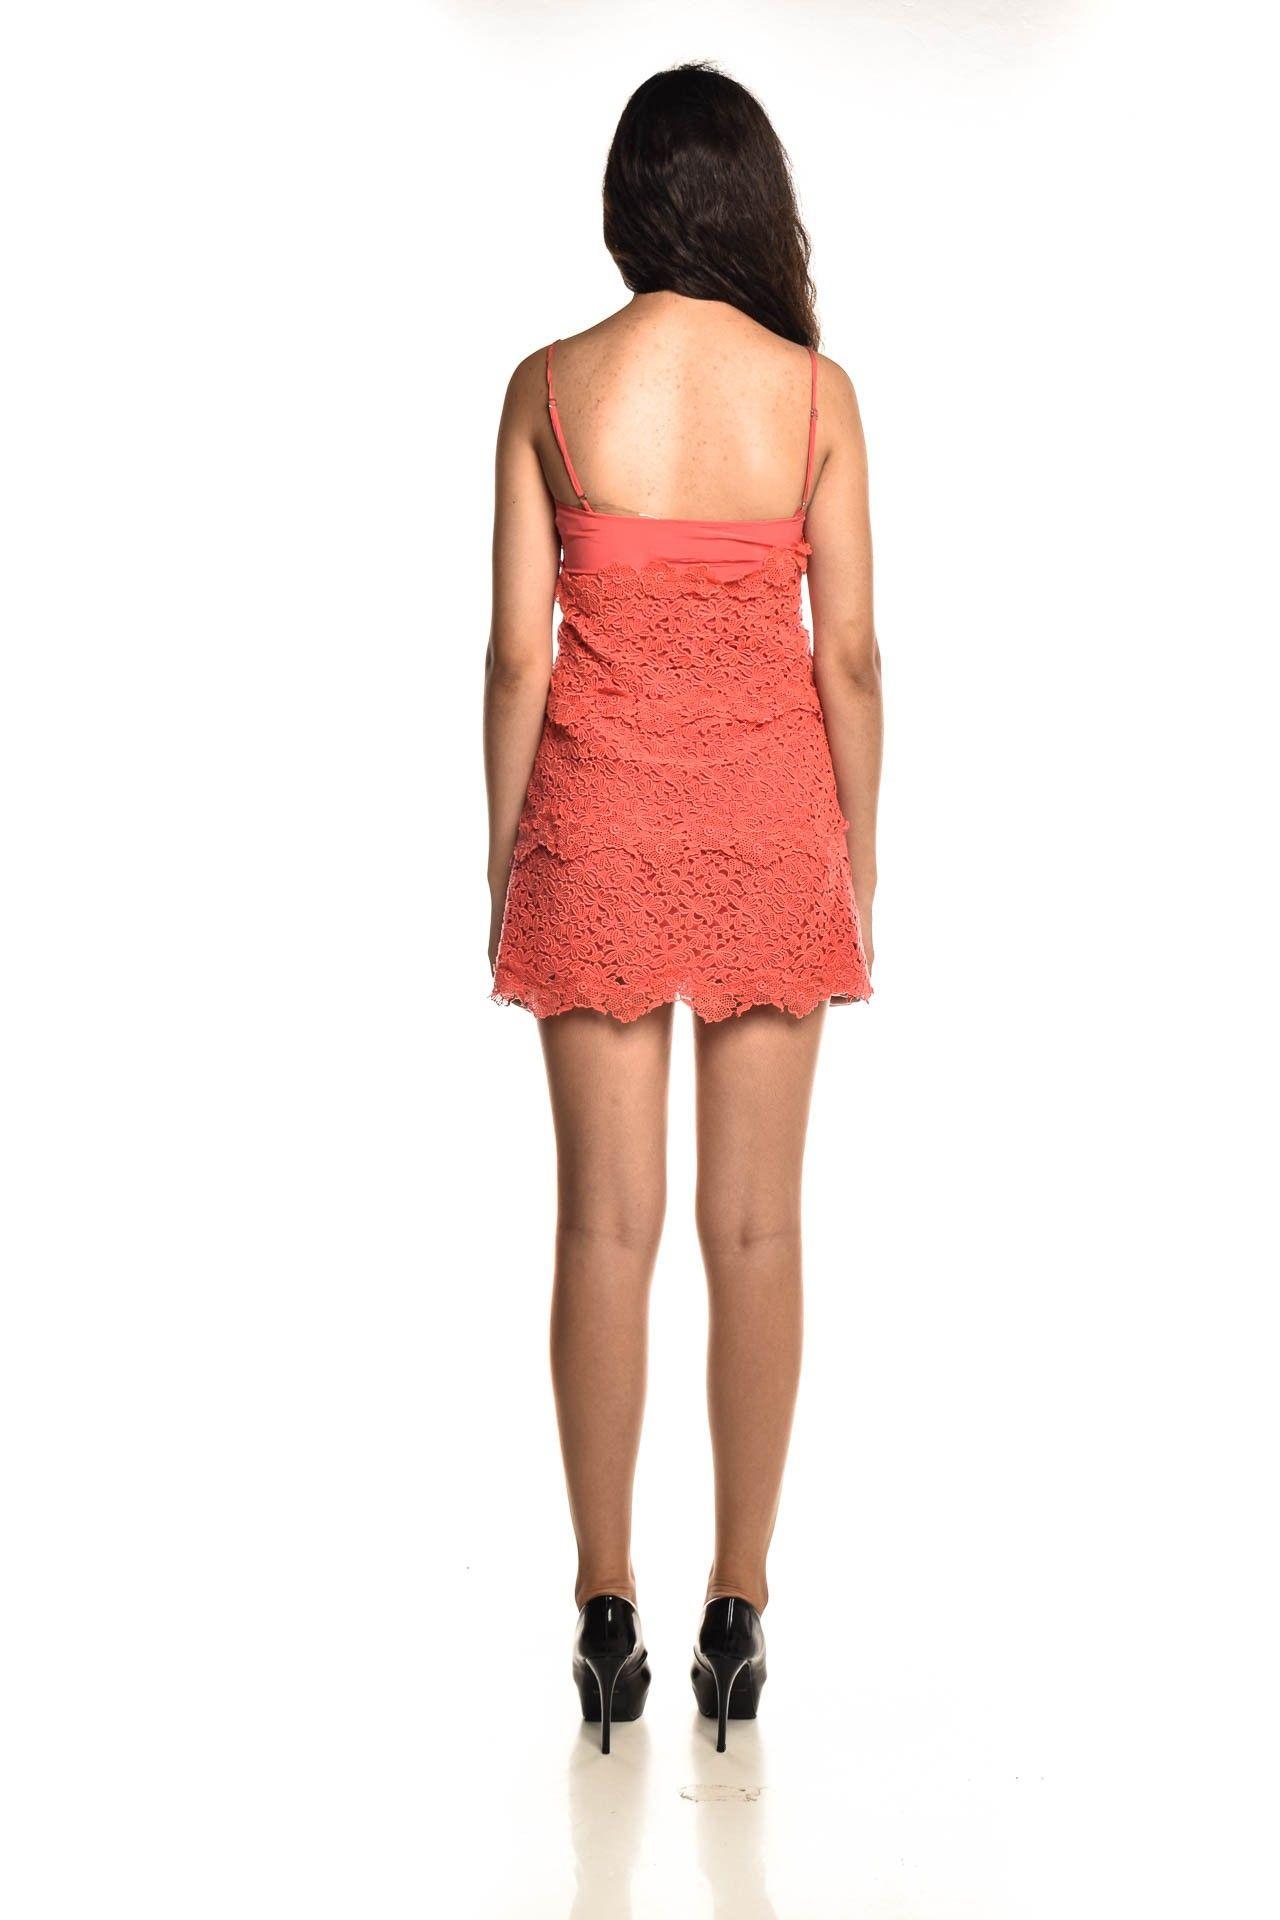 Daslu - Vestido Seda Renda - Foto 4